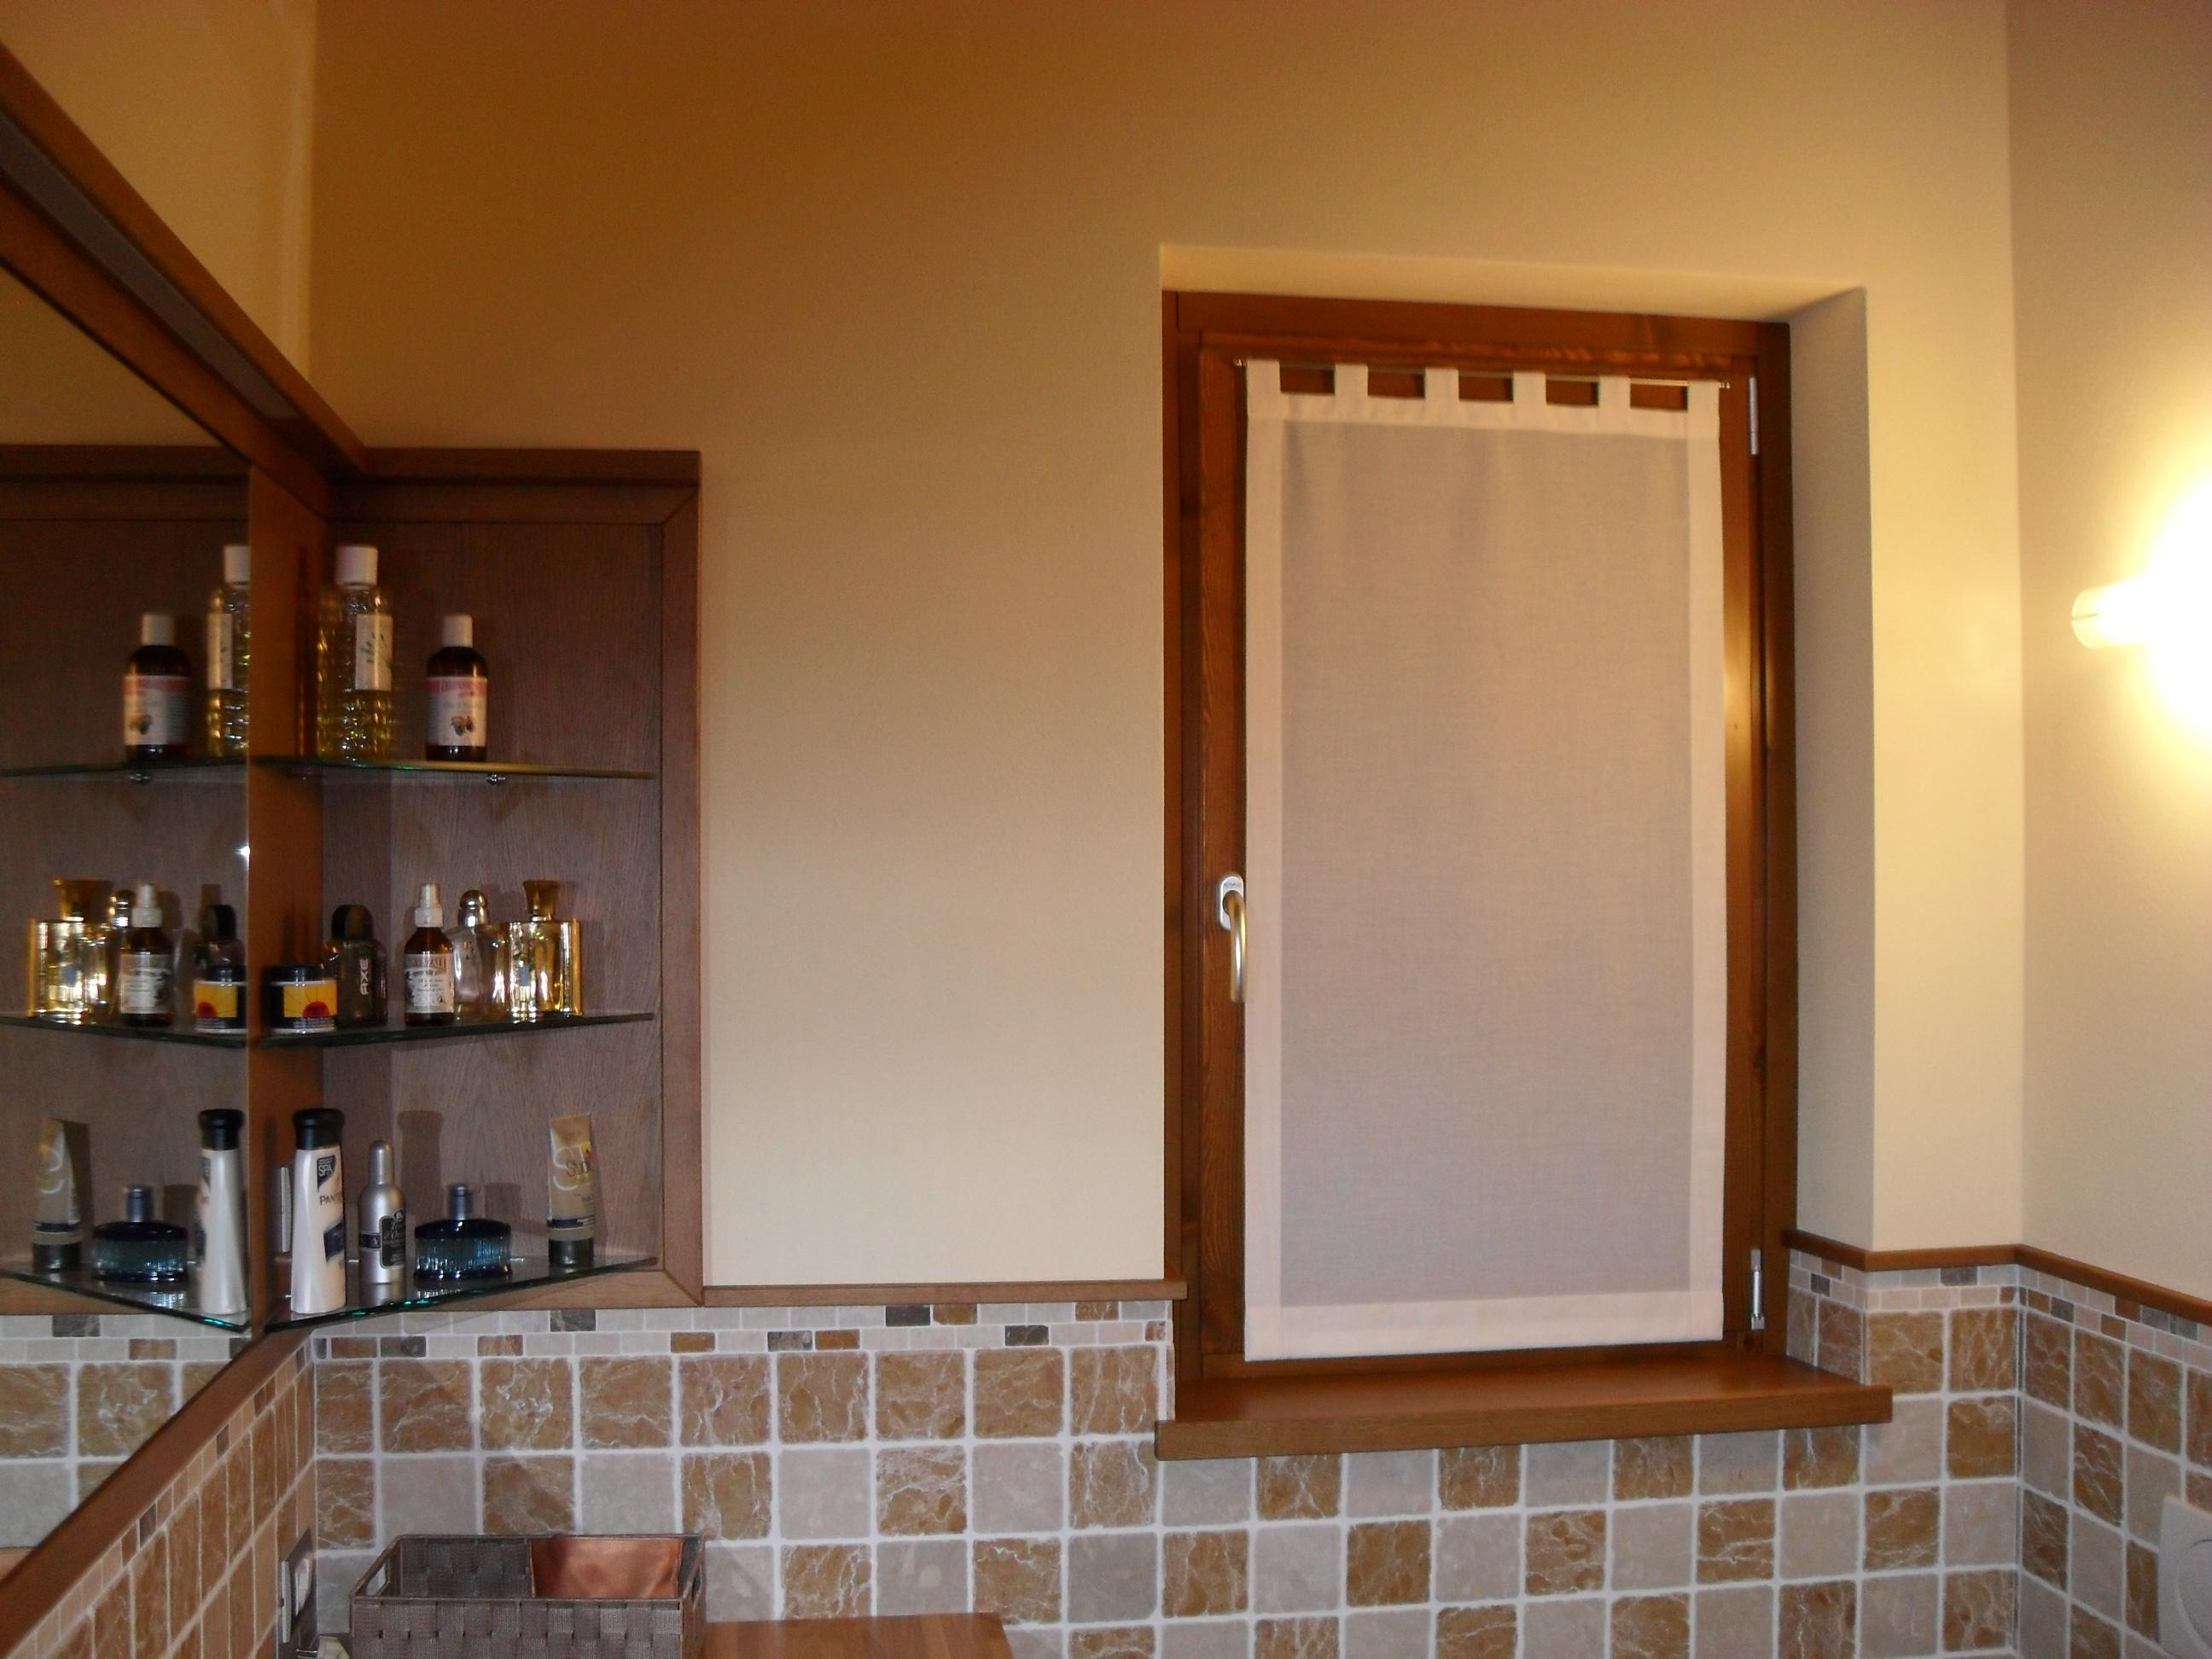 Prodotti tessilcasa arreda correda - Tende a vetro per bagno ...